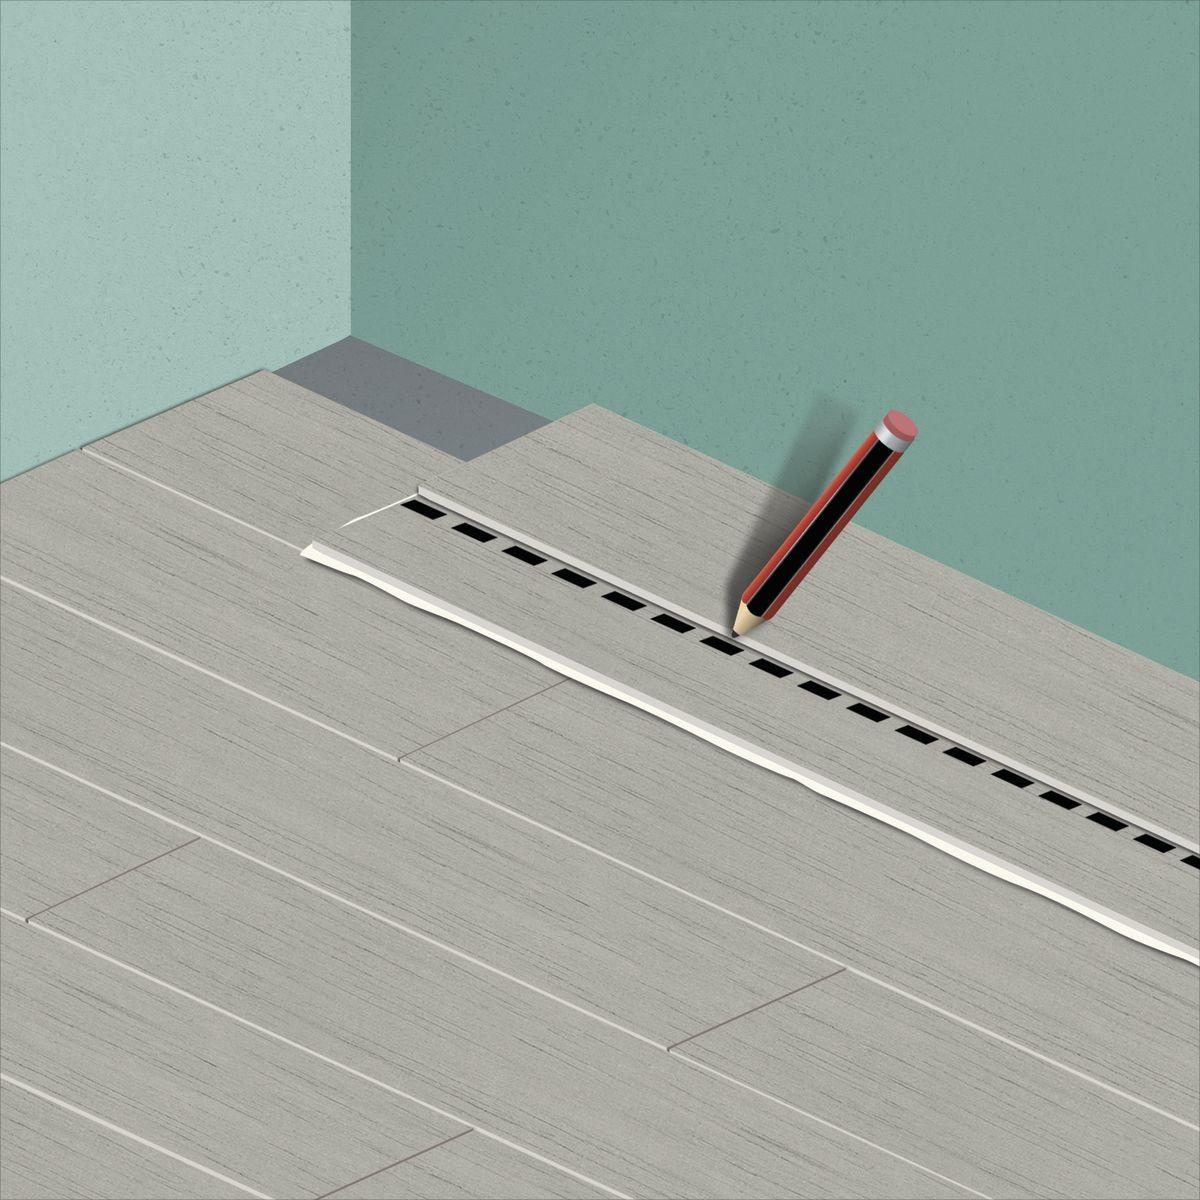 Come posare lame o piastrelle adesive in pvc guide e tutorial leroymerlin - Piastrelle in pvc adesive ...